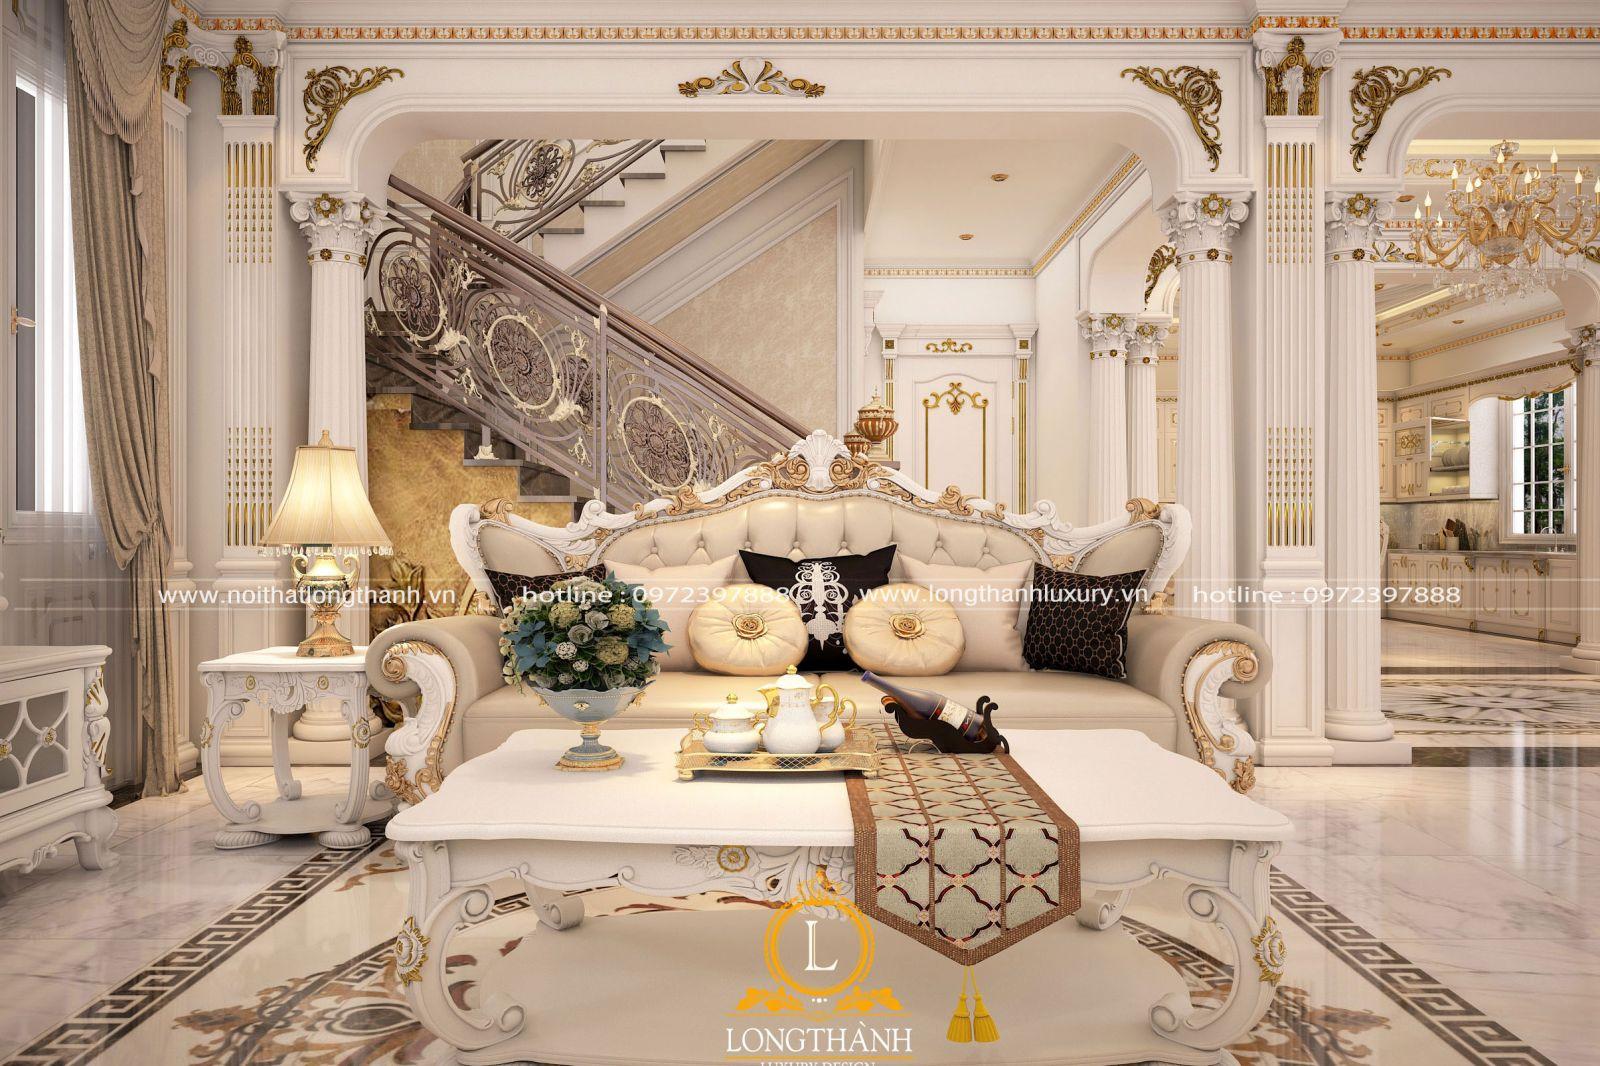 mẫu sofa tân cổ điển sơn trắng dát vàng đẹp tinh tế